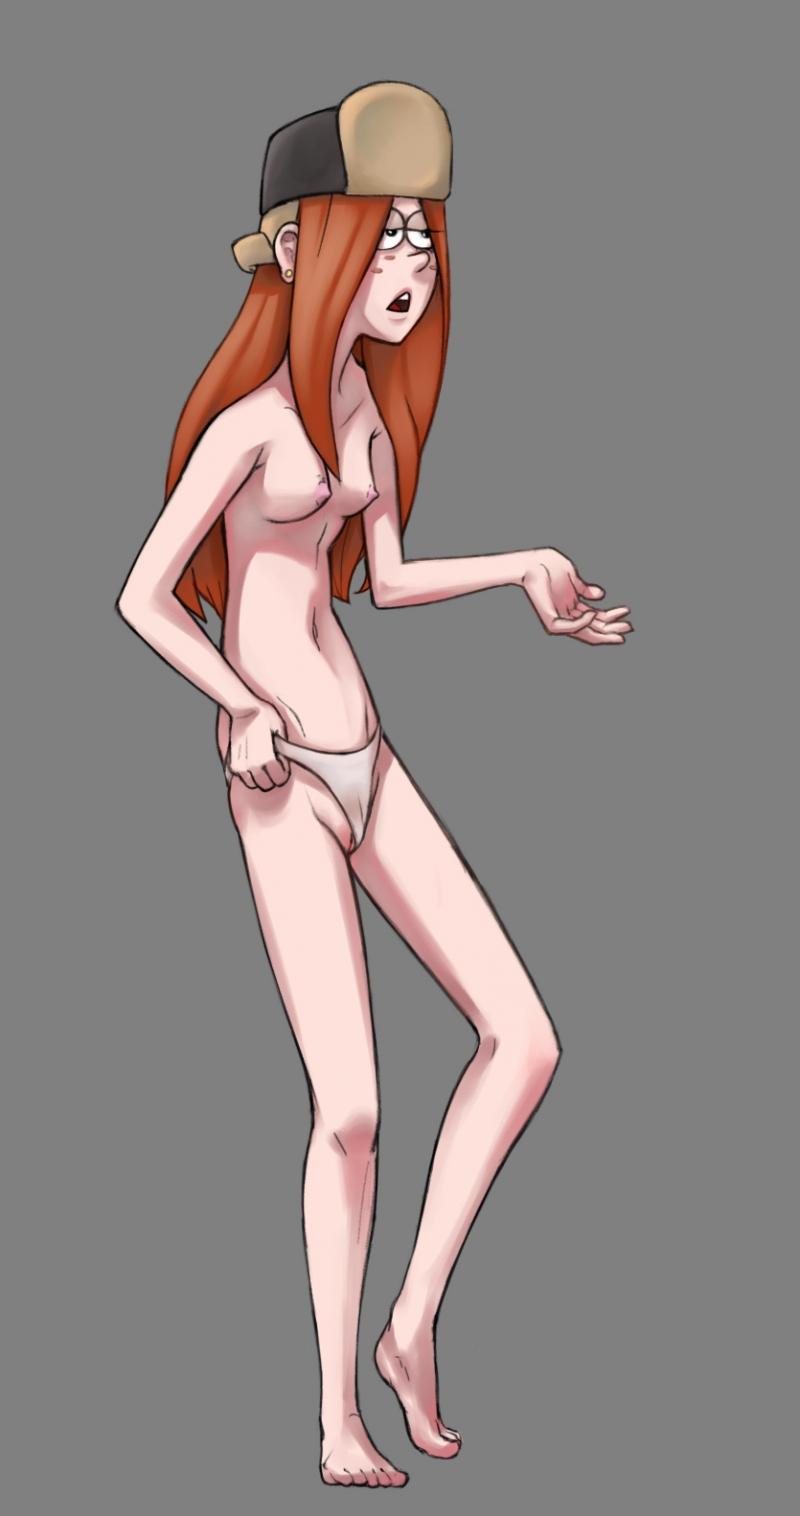 Mabel Hentai